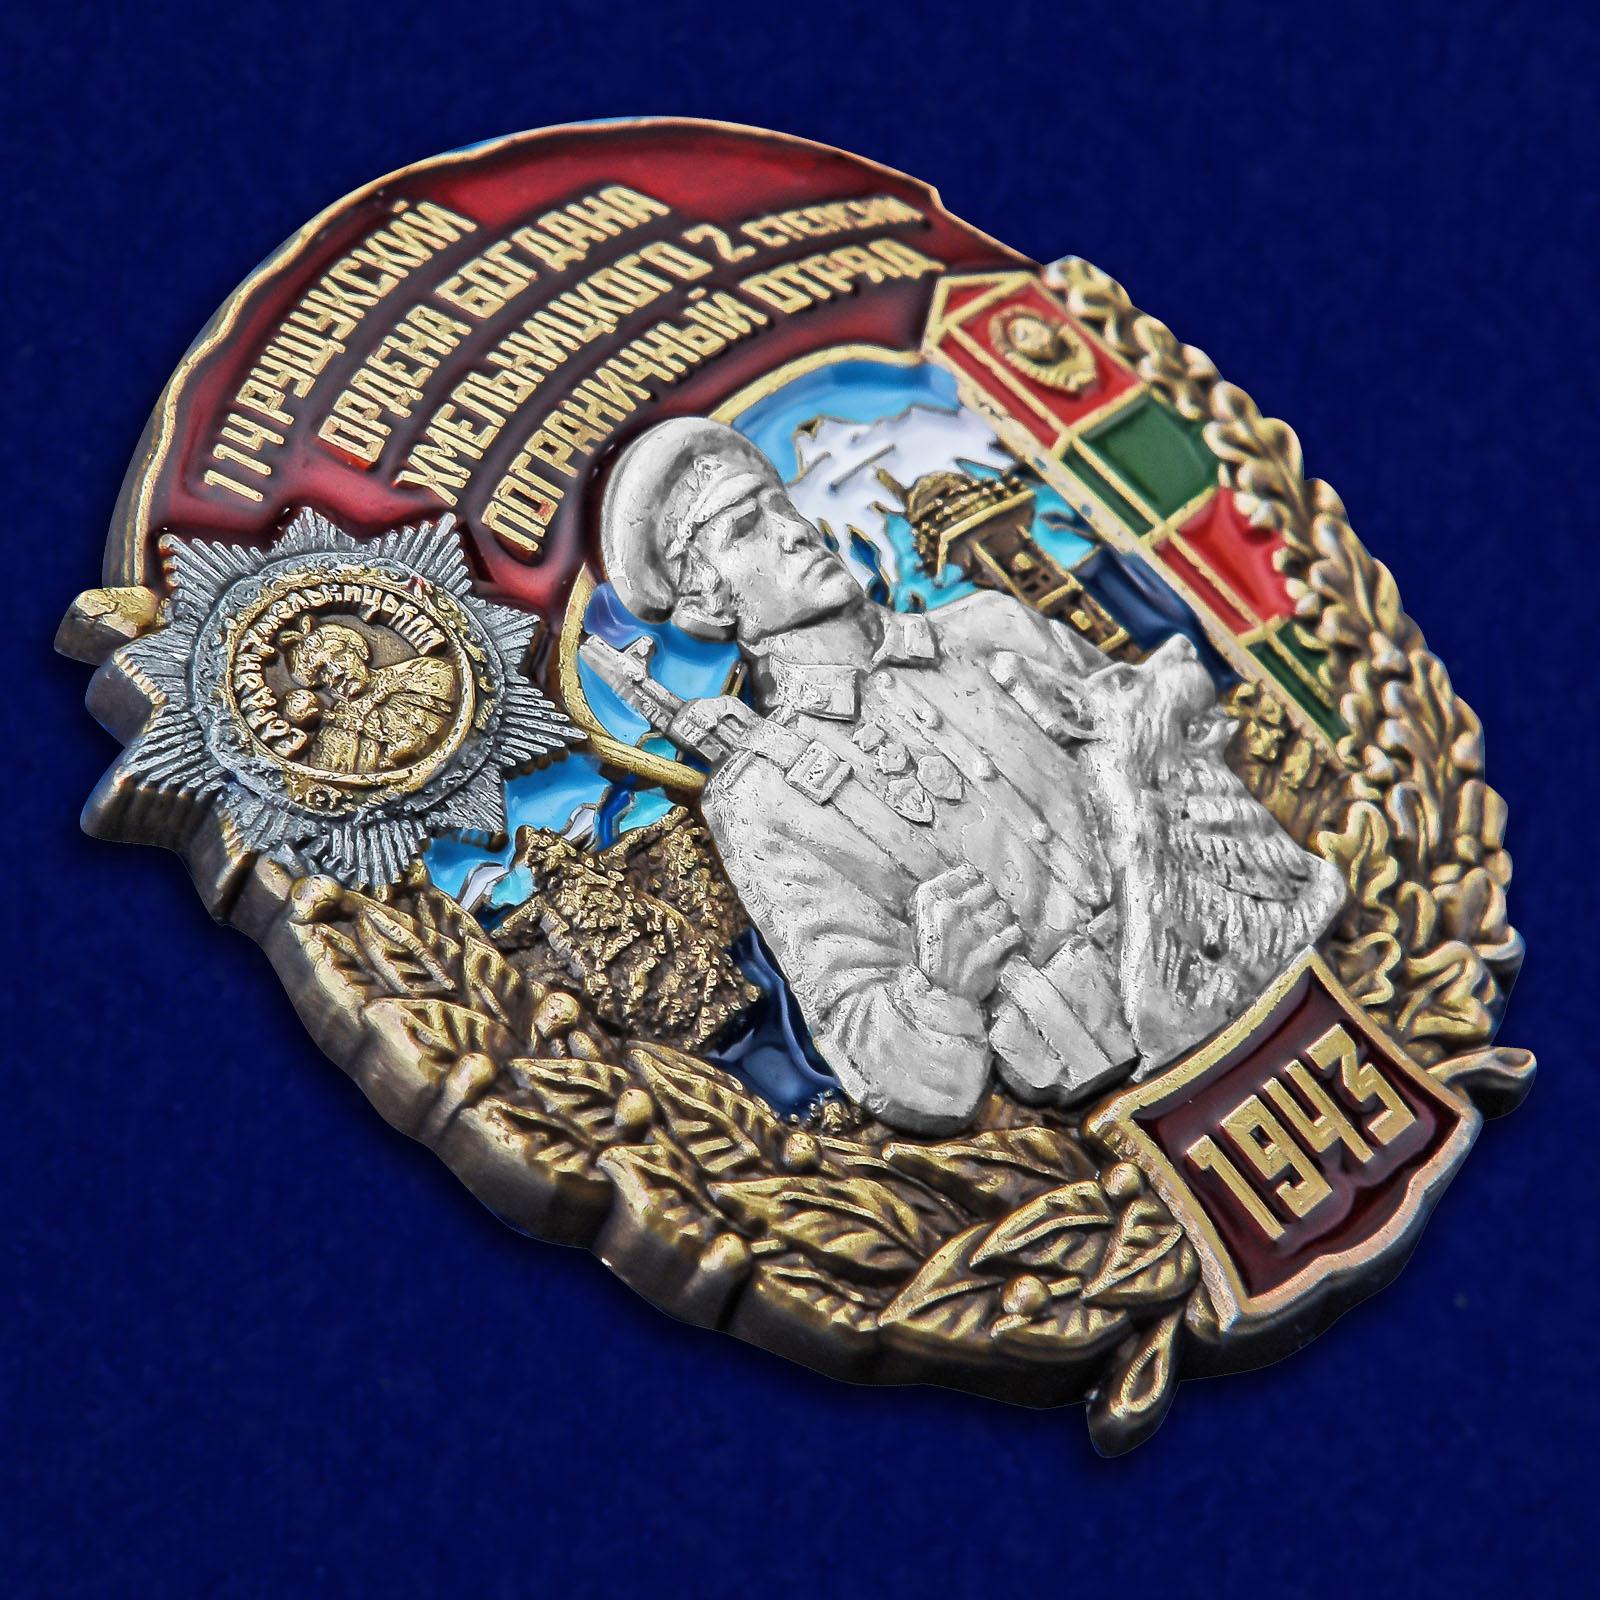 Памятный знак 114 Рущукский пограничный отряд - общий вид